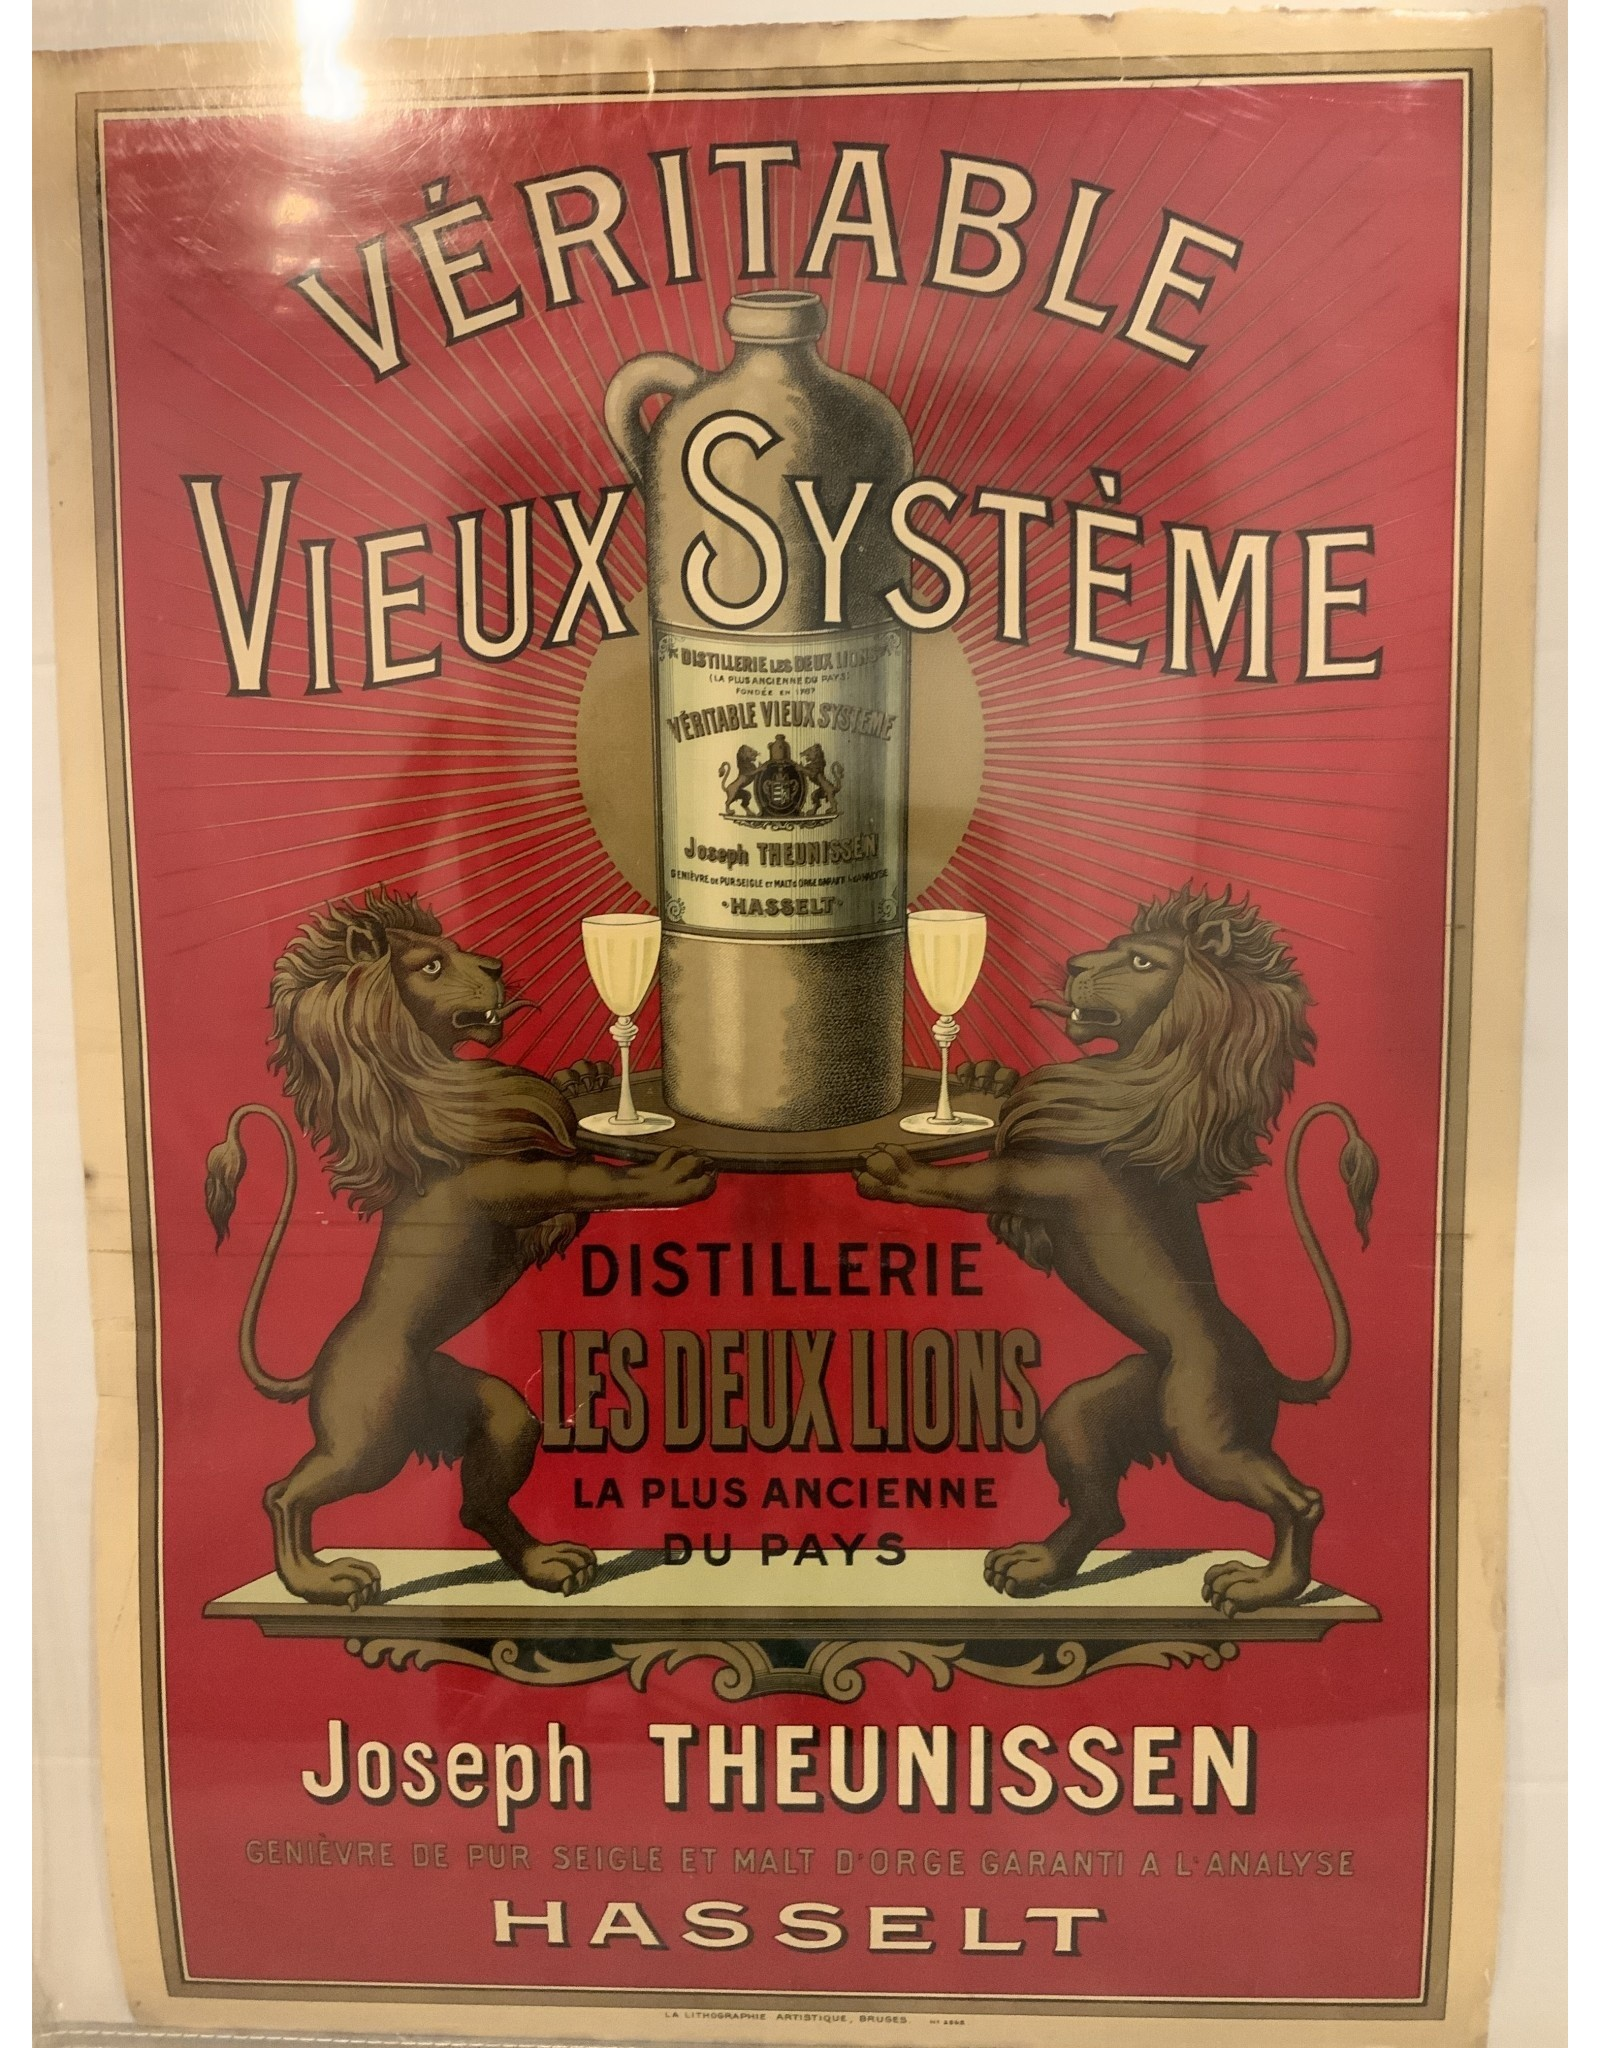 SPV Interieuraffiche 'Véritable Vieux Système, Distillerie les Deux Lions, Joseph Theunissen, Hasselt' voor stokerij Joseph Theunisssen, Hasselt, ca. 1910